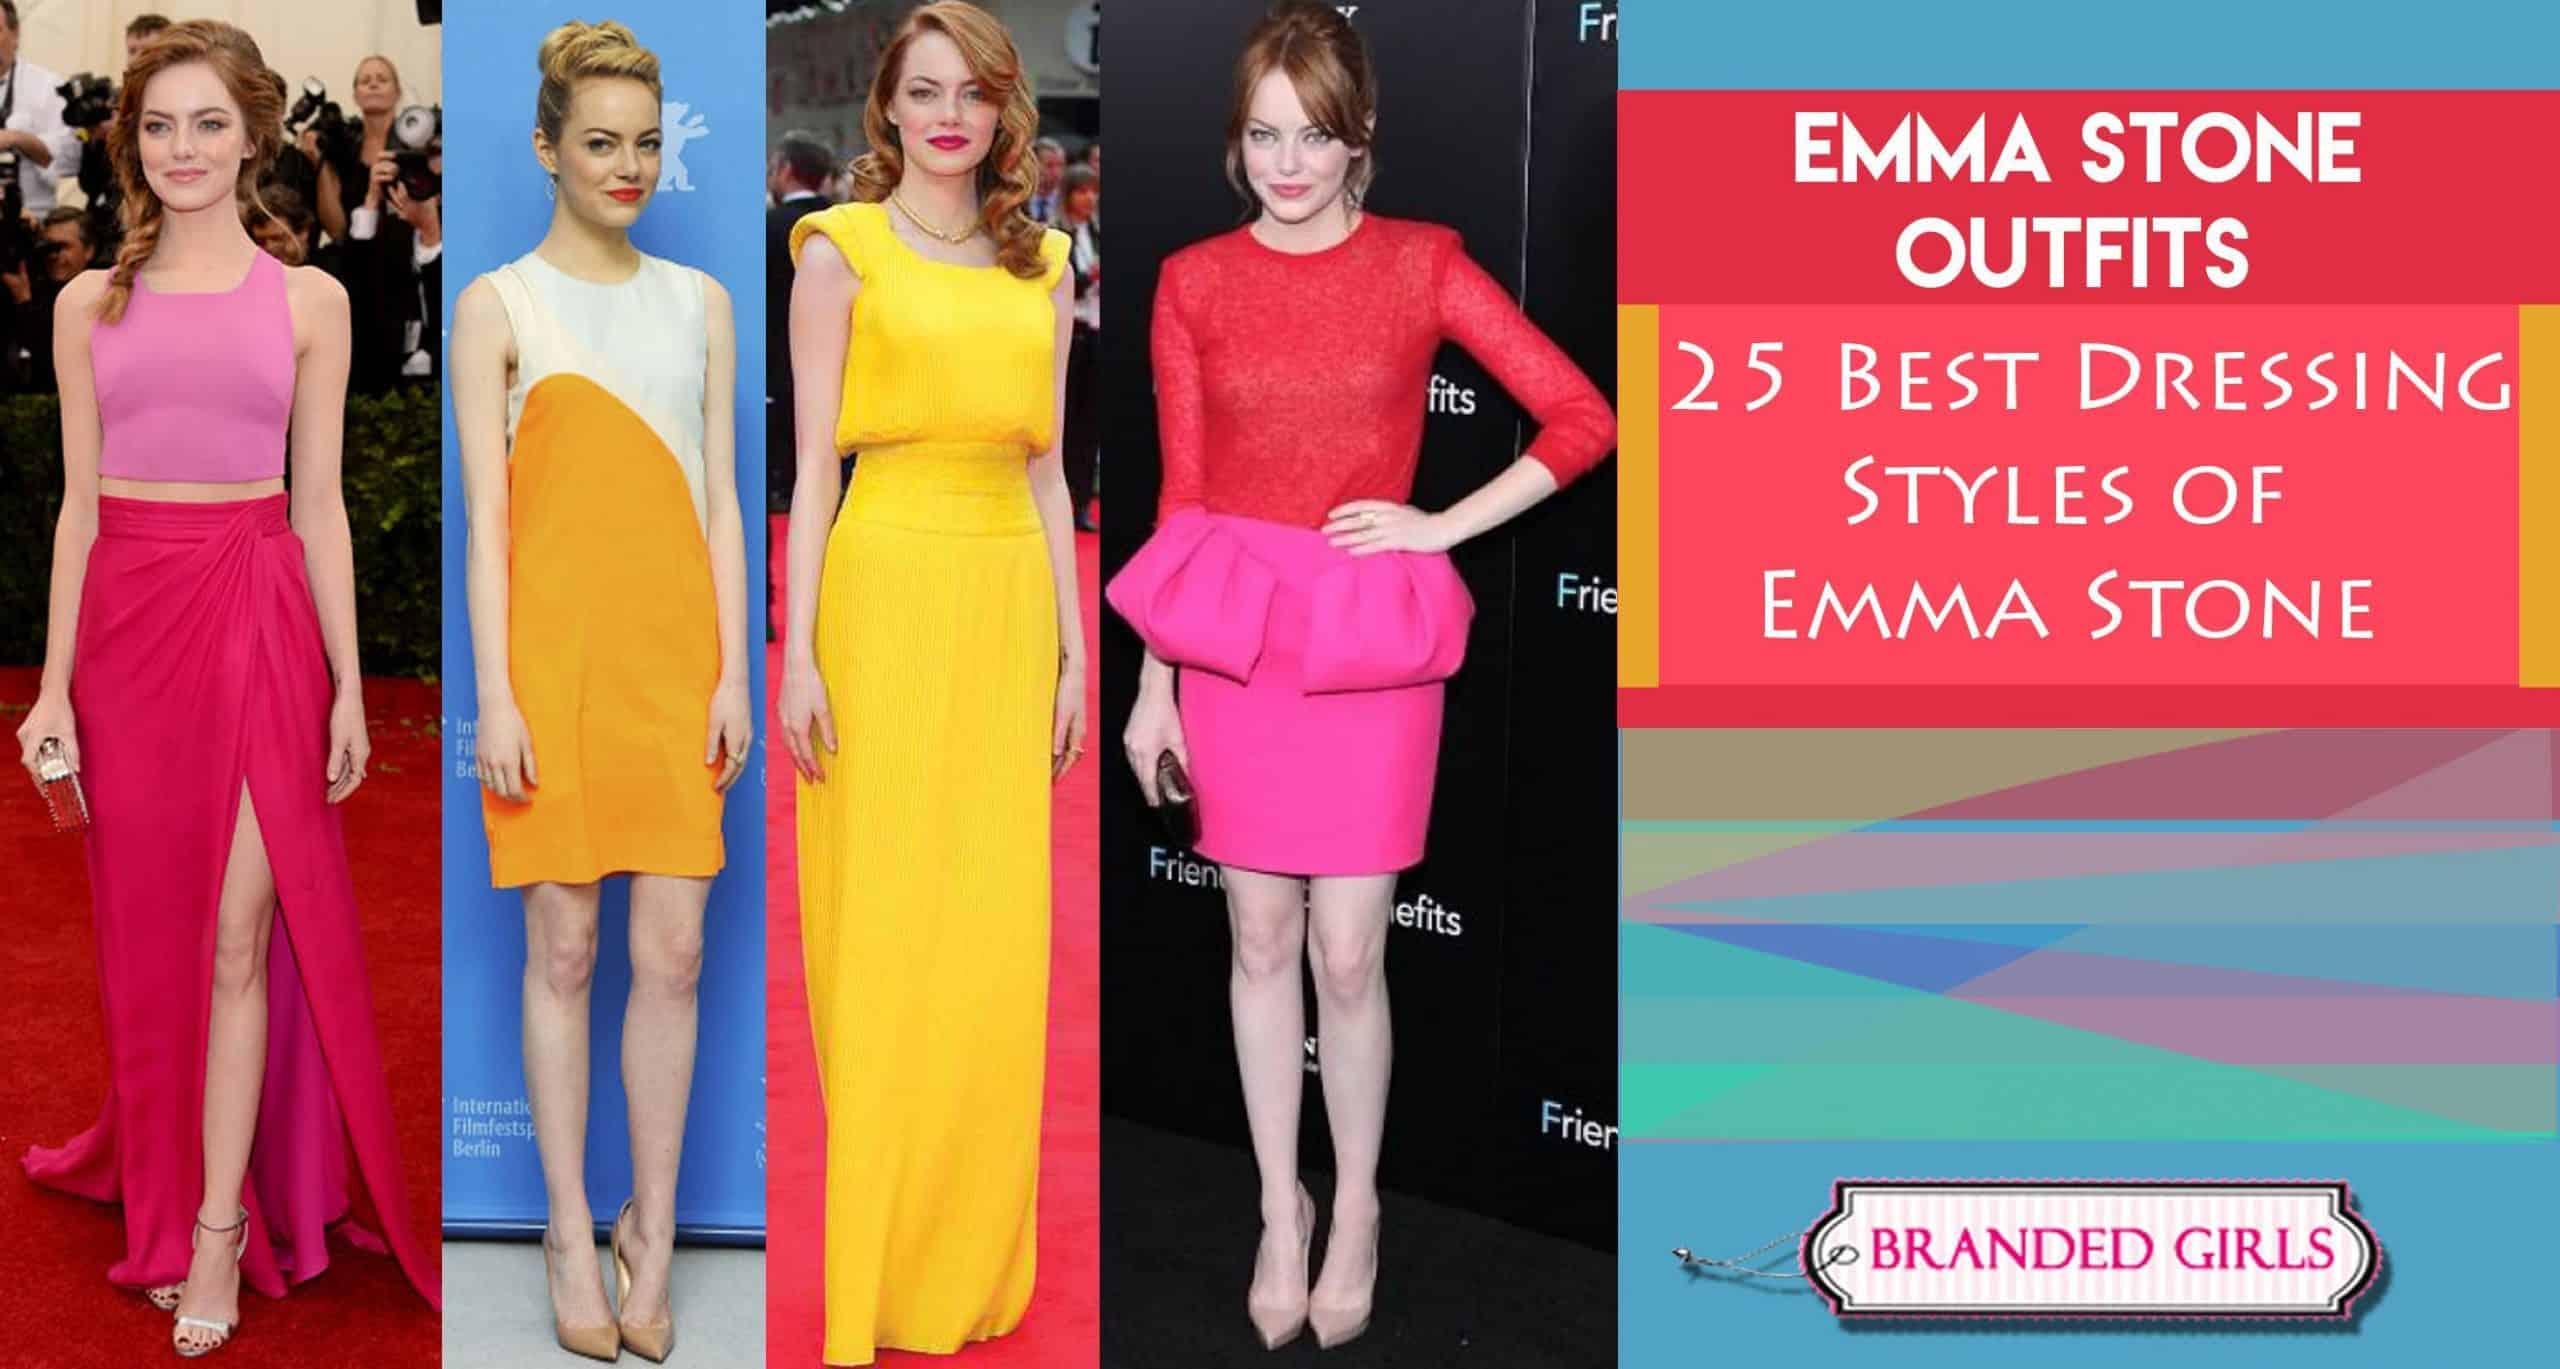 emma stone outfits